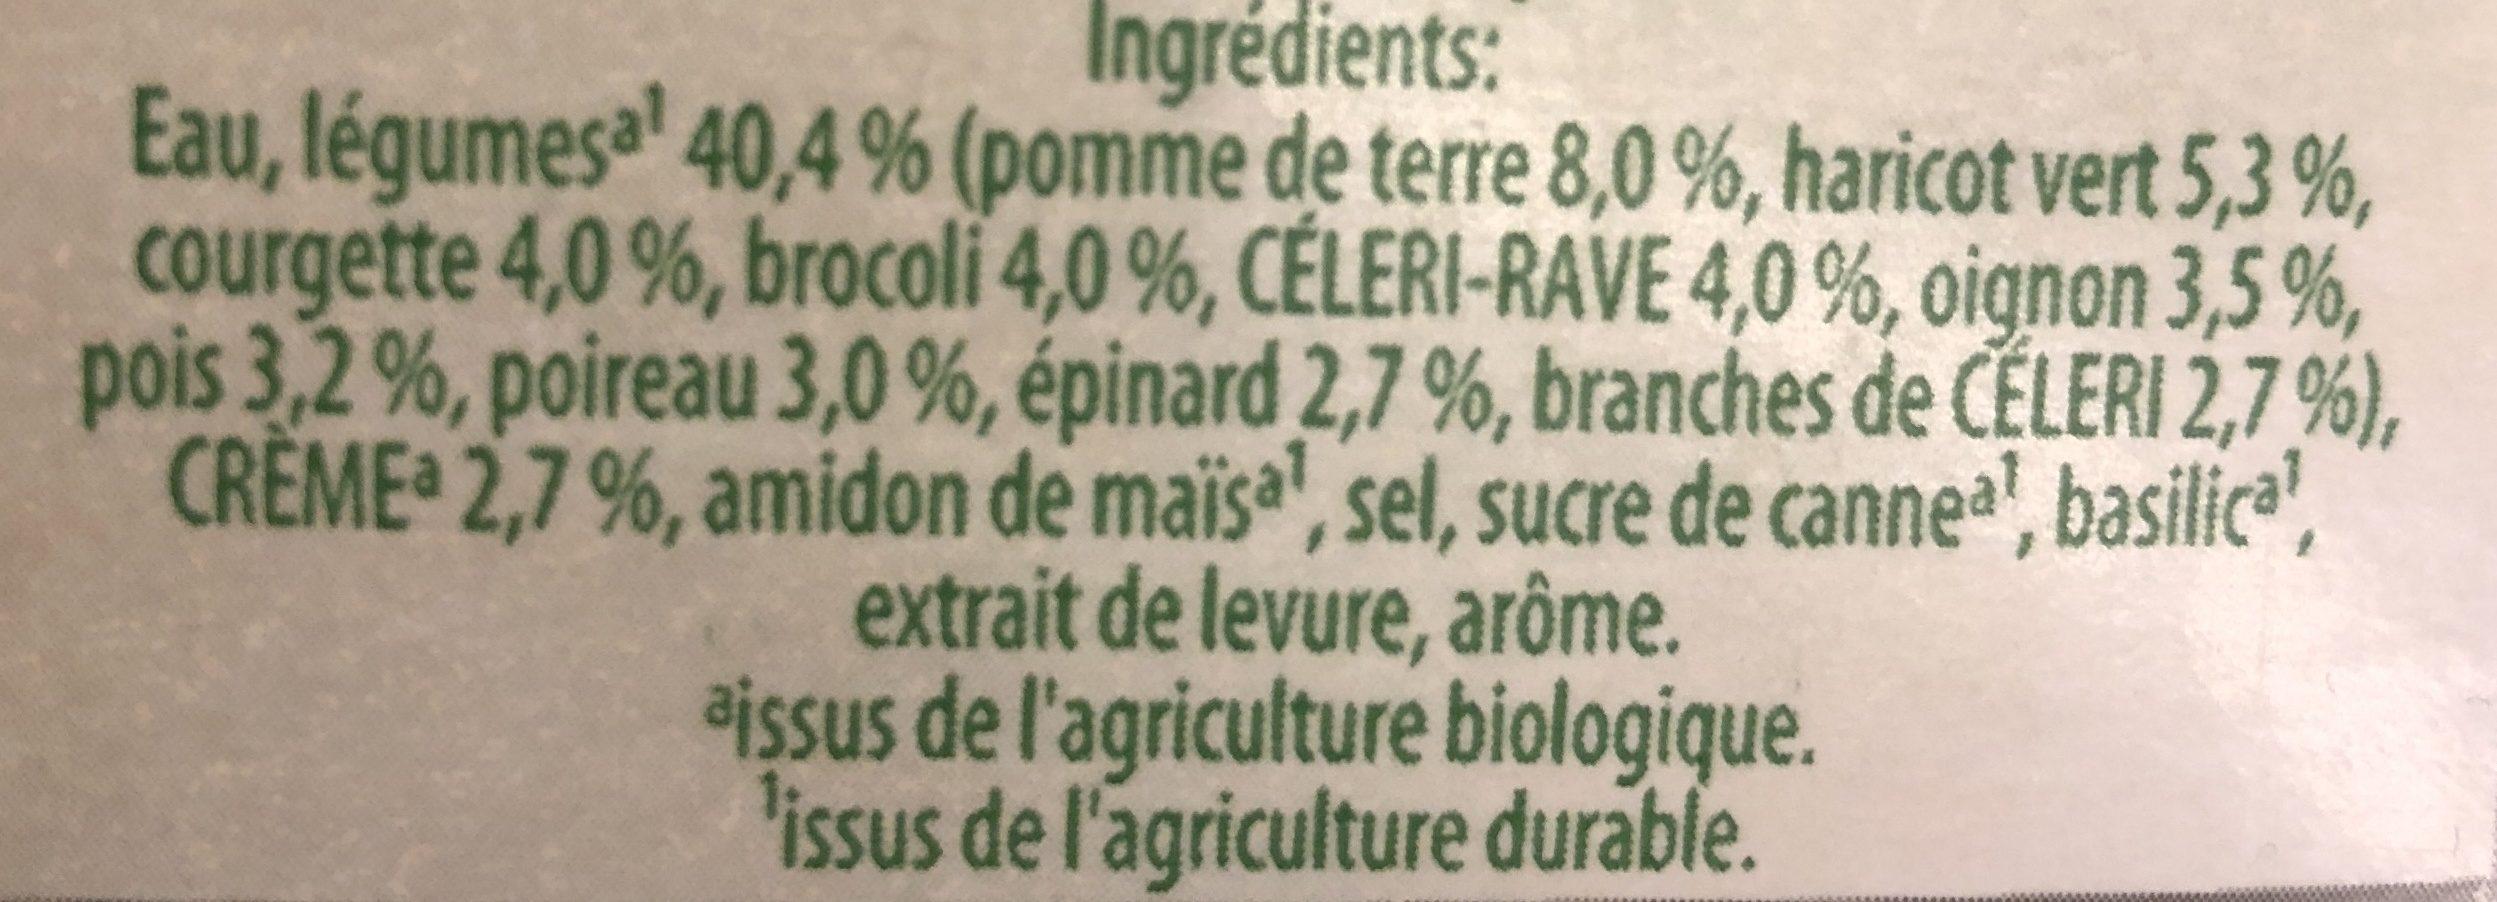 Légumes verts Bio - Ingrediënten